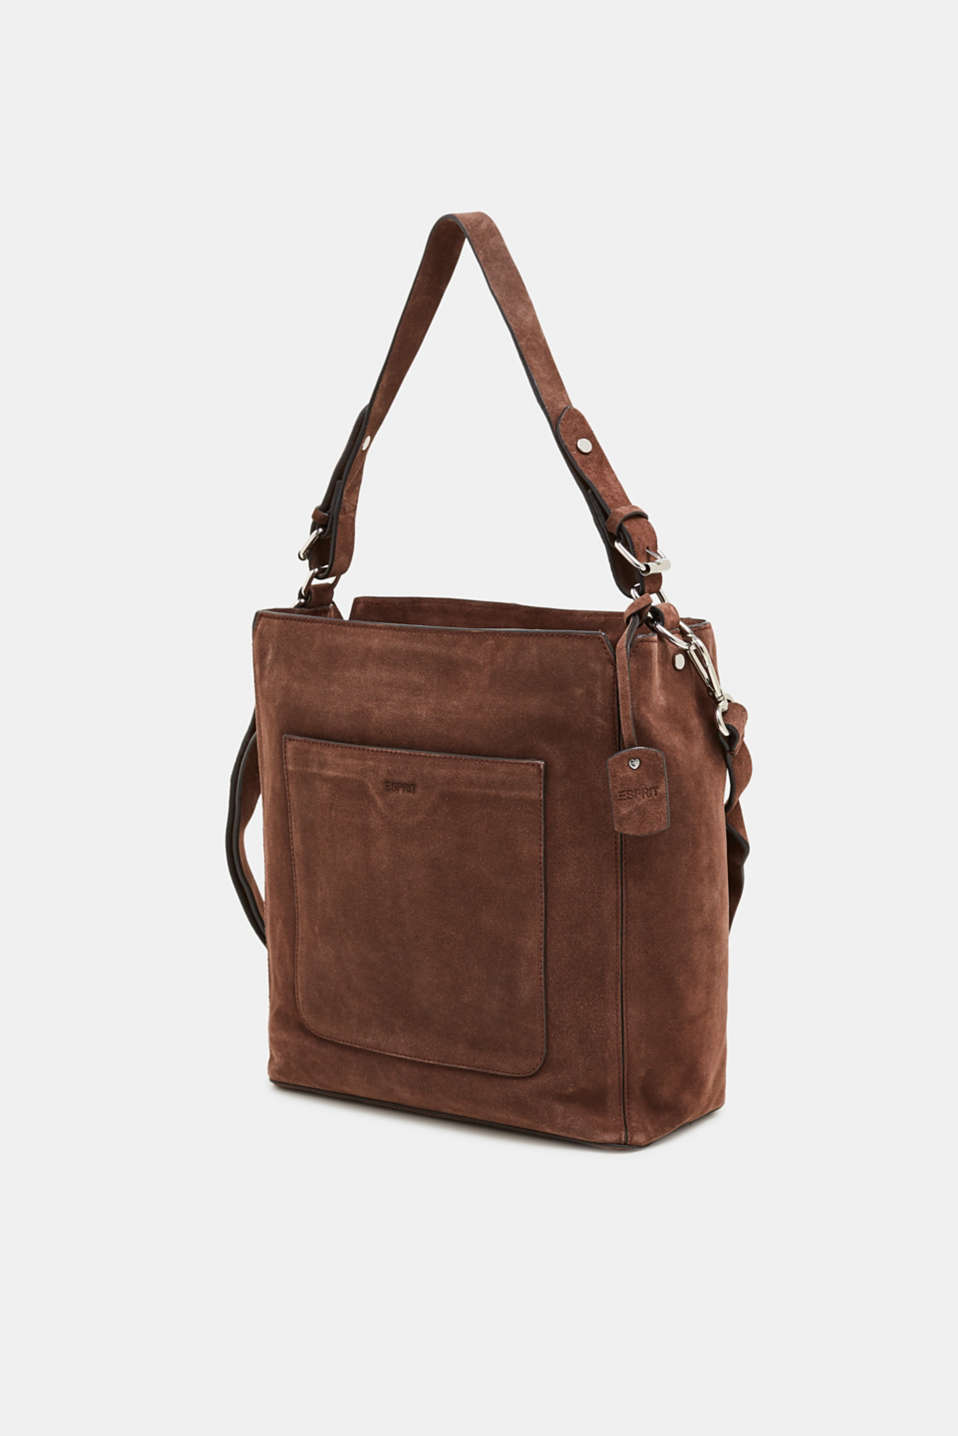 Leather shoulder bag, DARK BROWN, detail image number 2